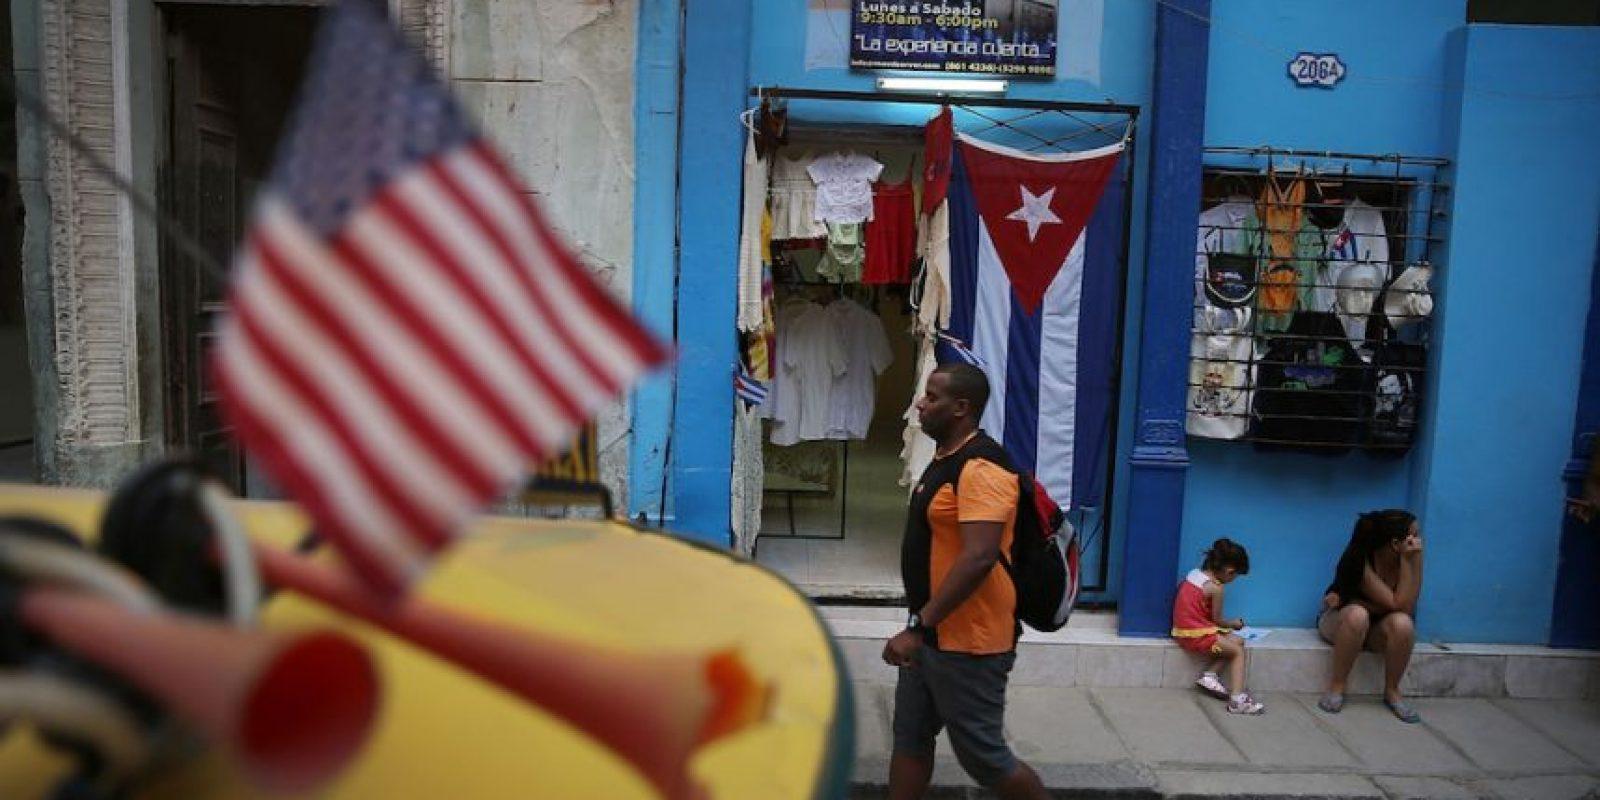 Hoy, las banderas de barras y estrellas de ambos países ondean a la par Foto:Getty Images